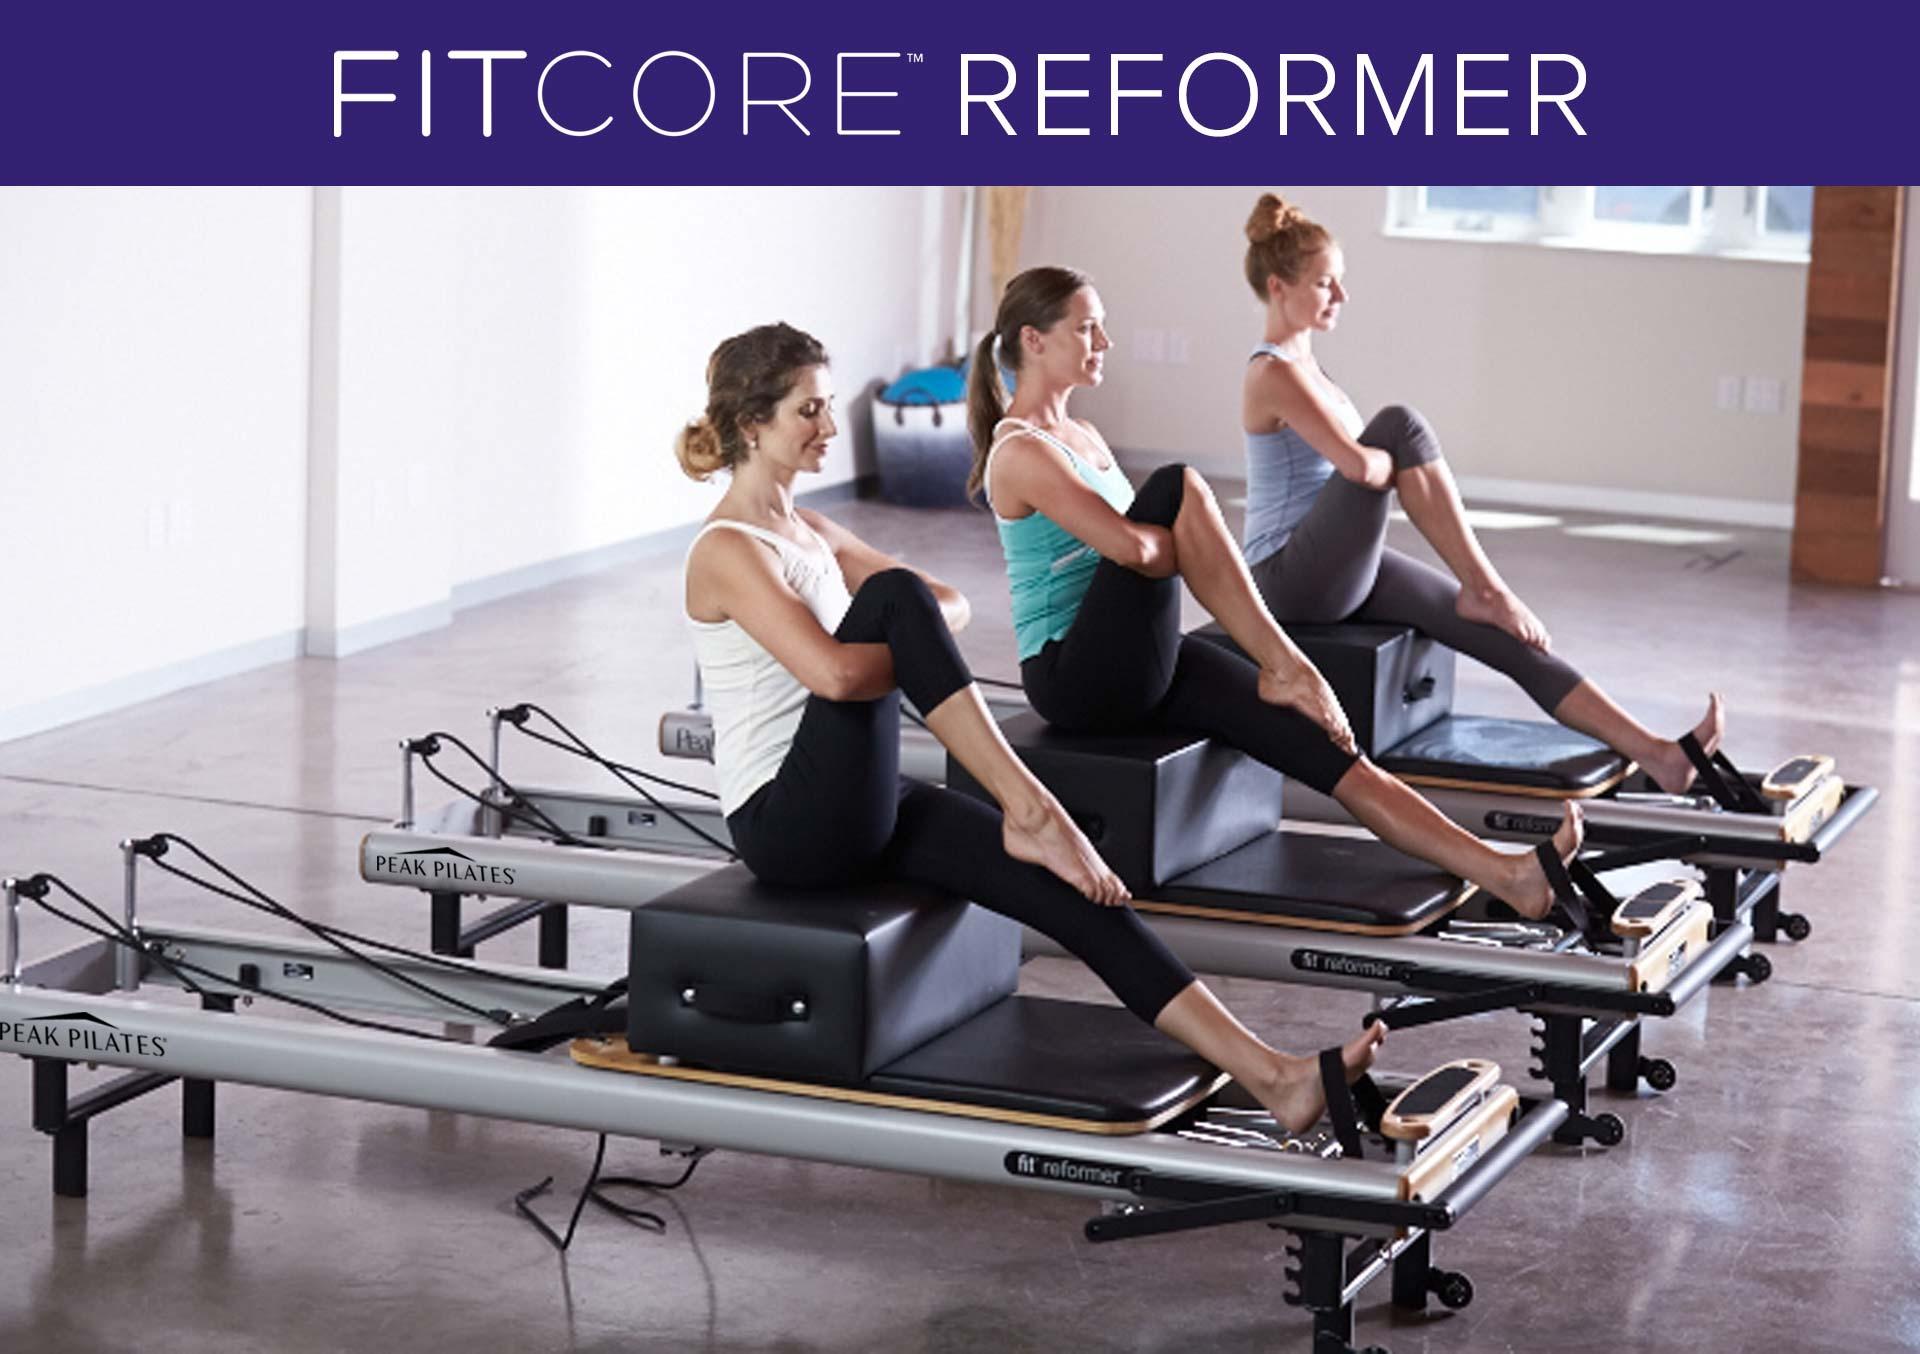 FitCore™ Reformer Image